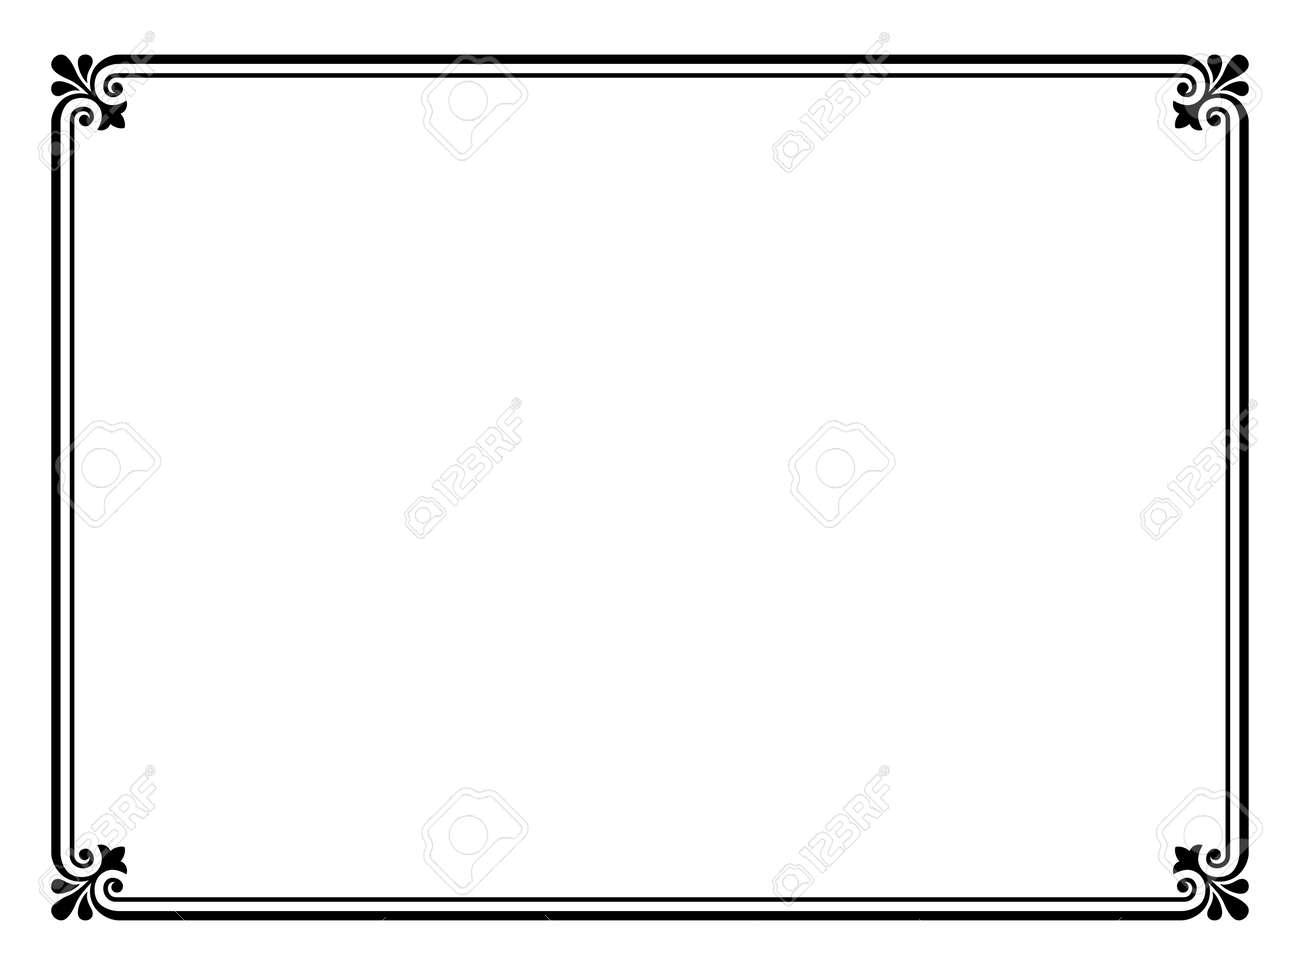 Bien connu Vecteur Noir Simple Motif Ornemental Calligraphier Cadre Décoratif  UW03